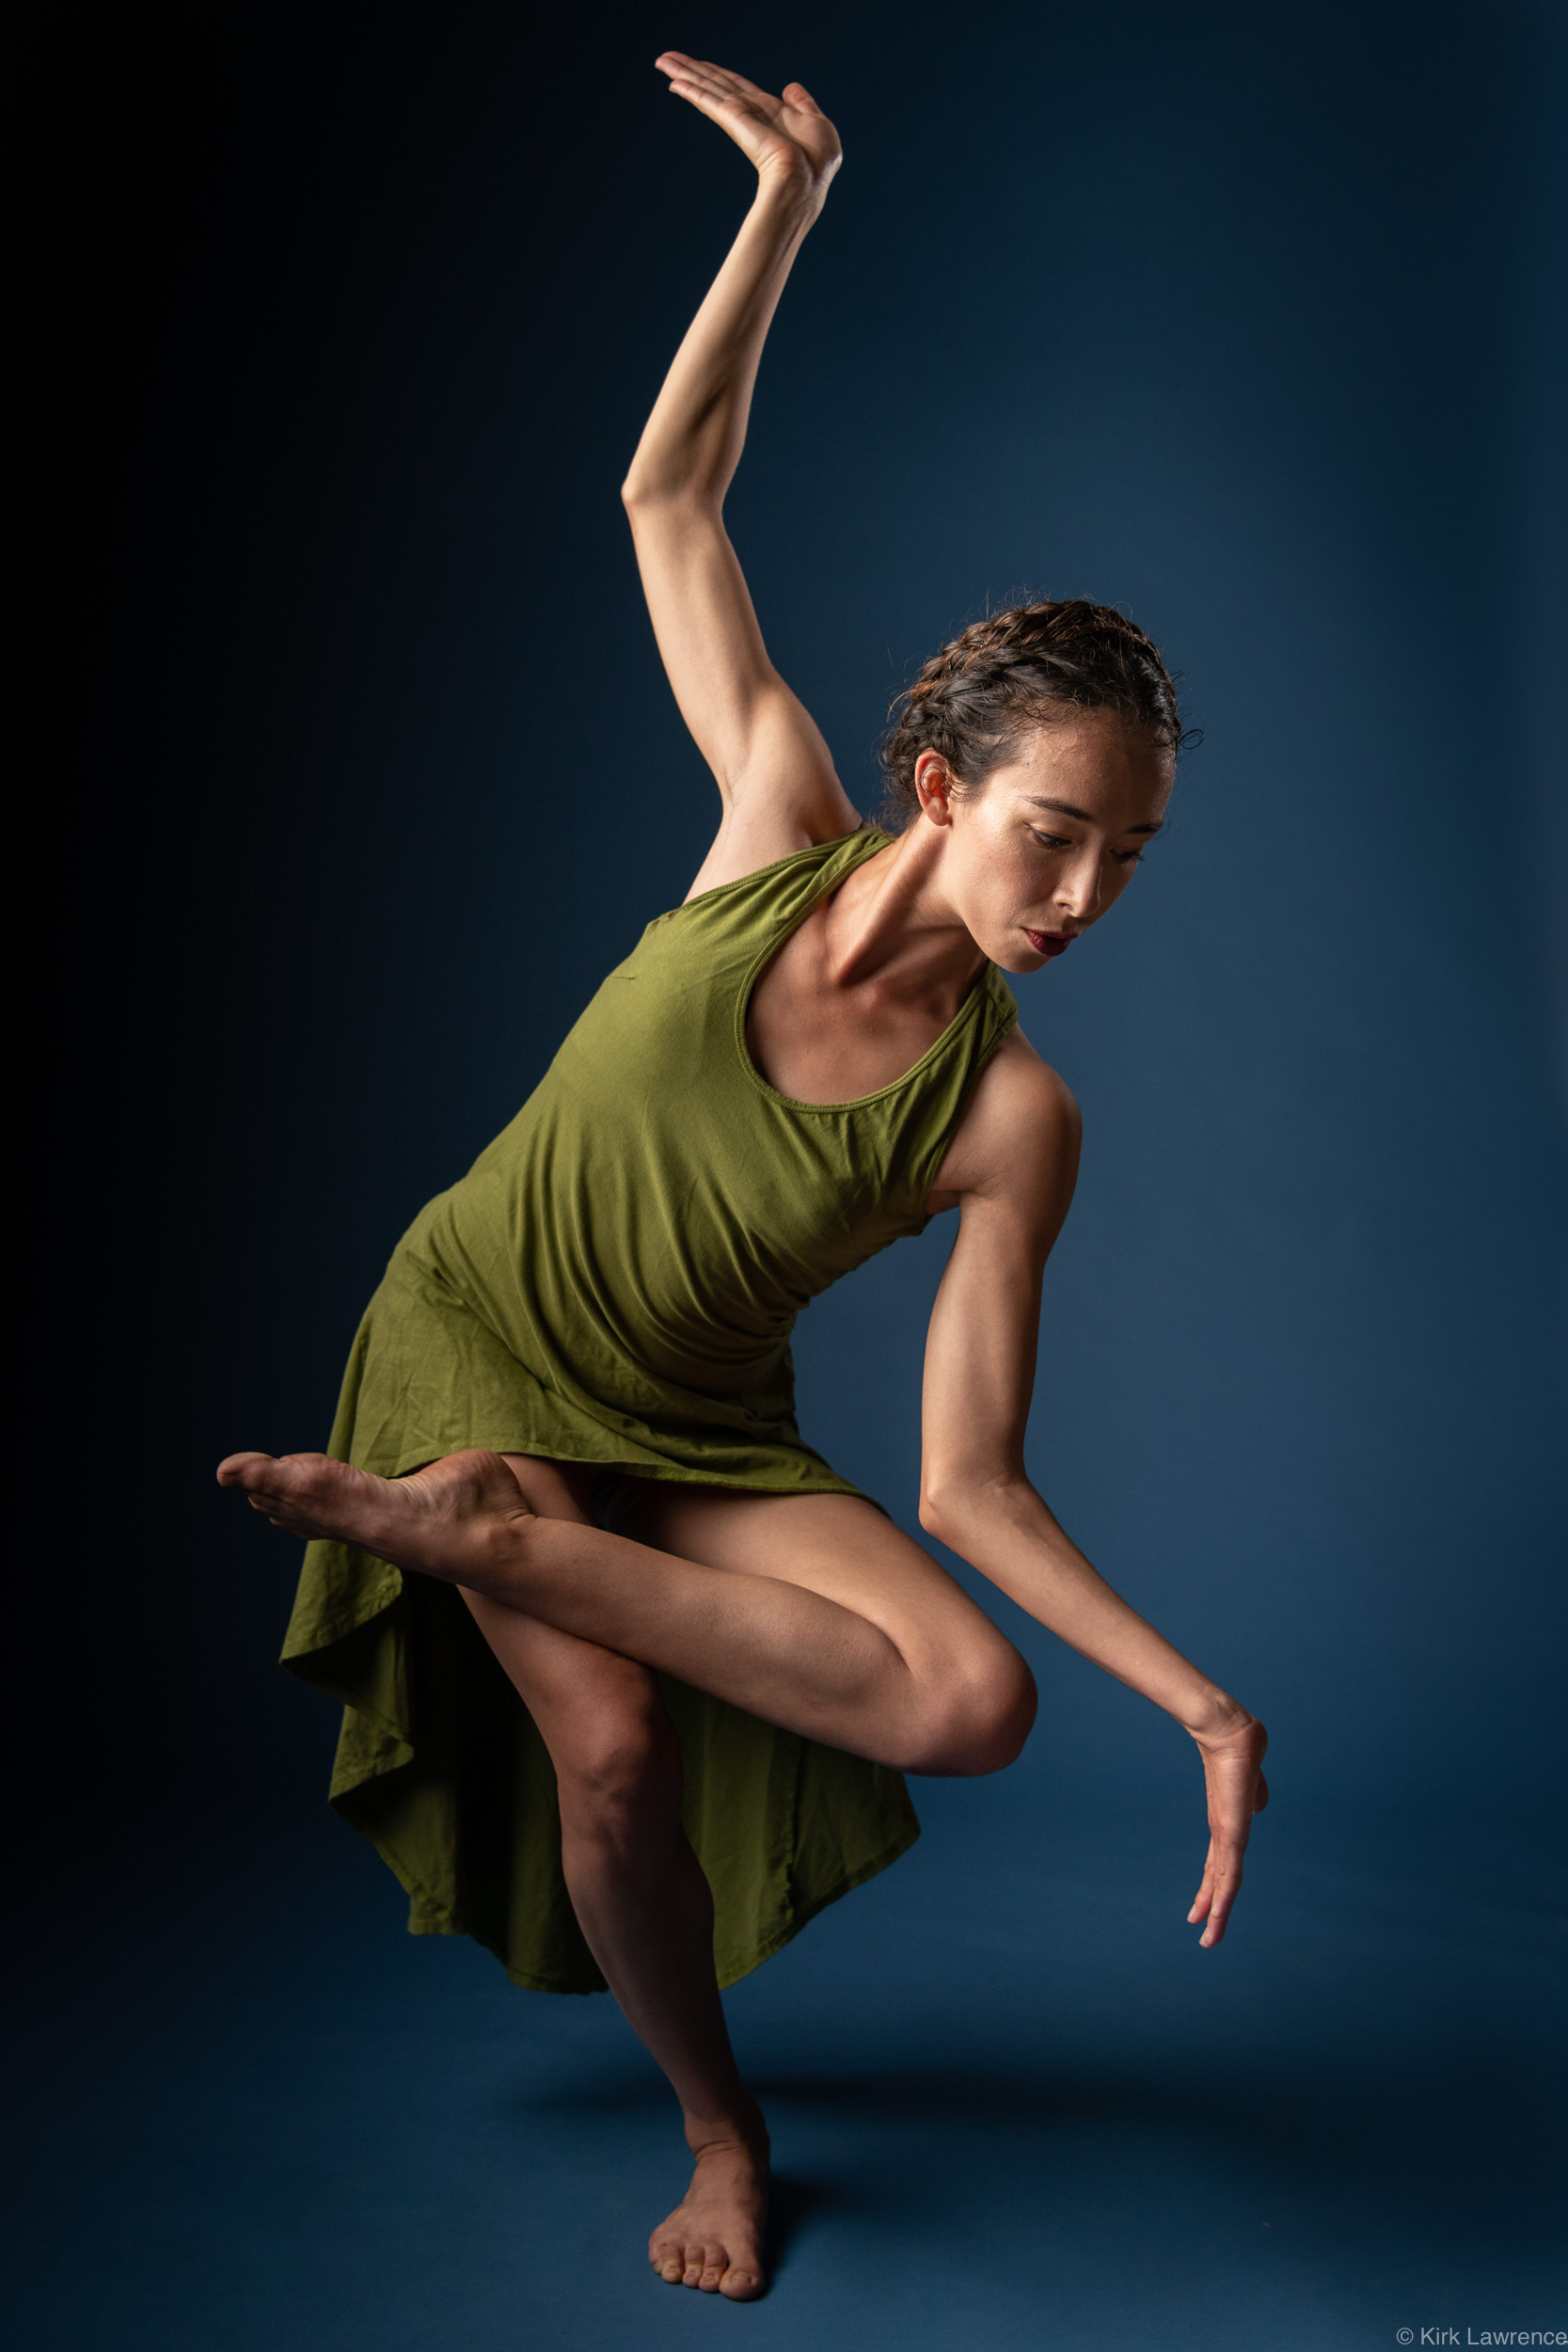 modern_dancer_balancing_green_dress_portrait.jpg